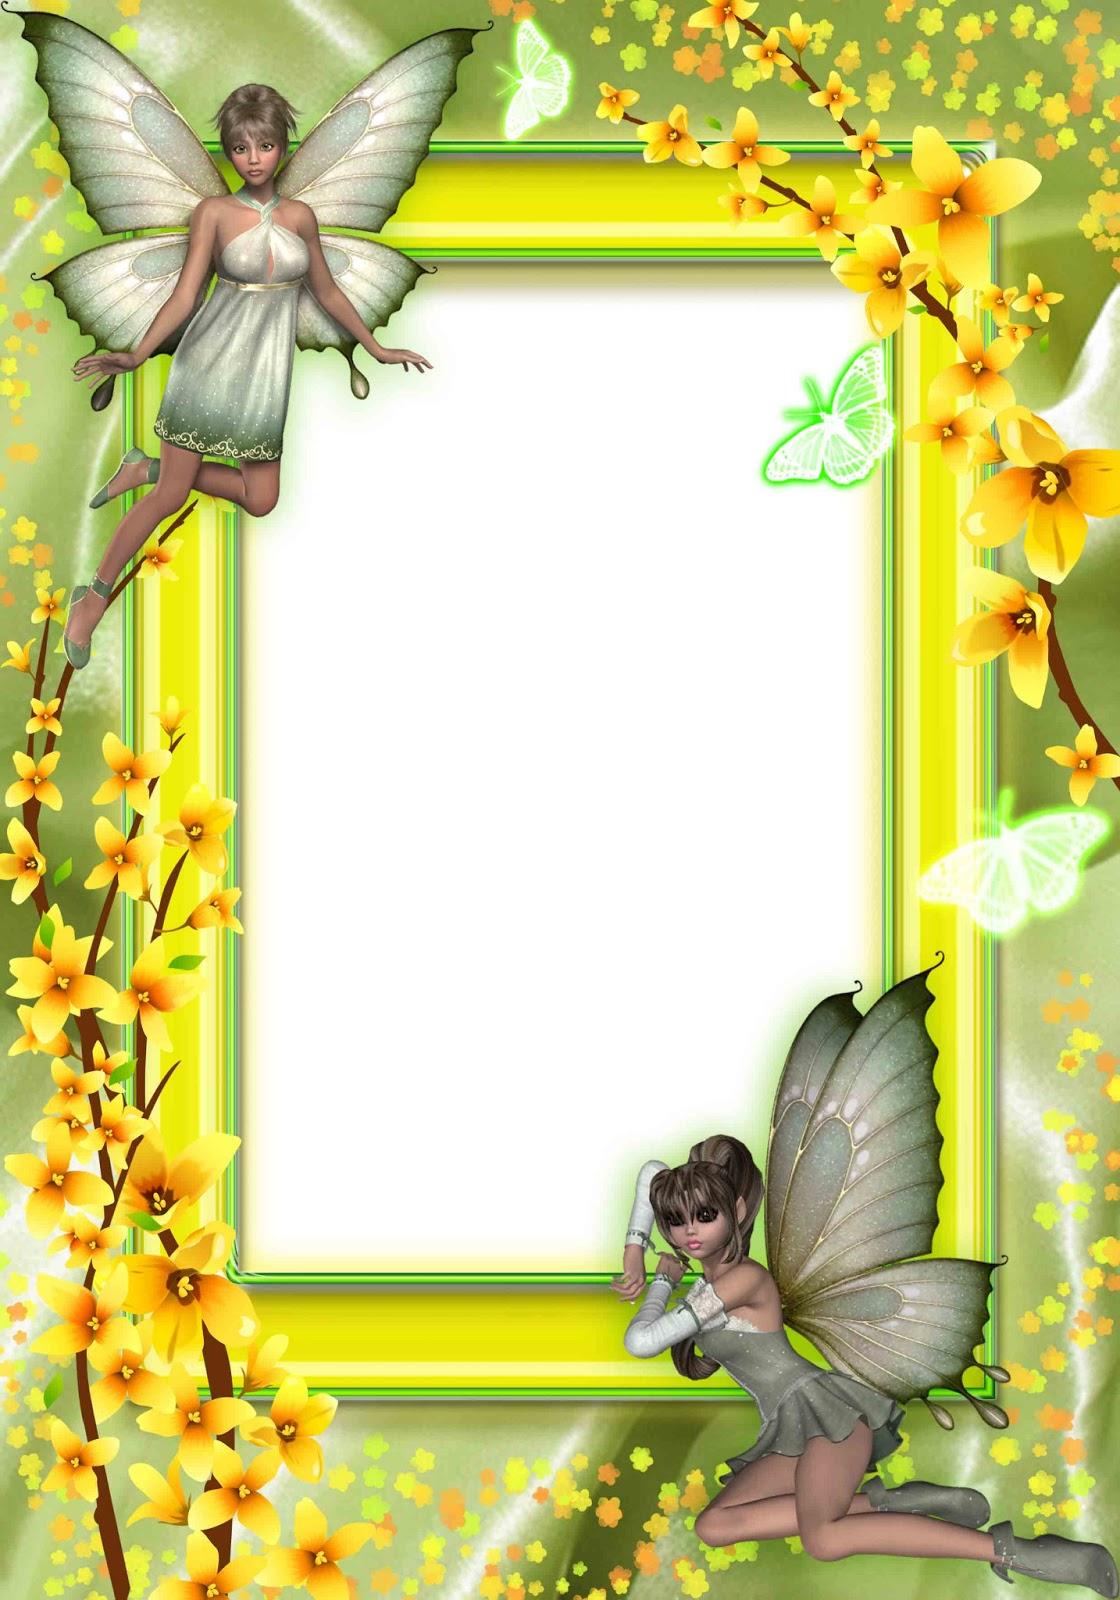 frame for kids | frame for kids